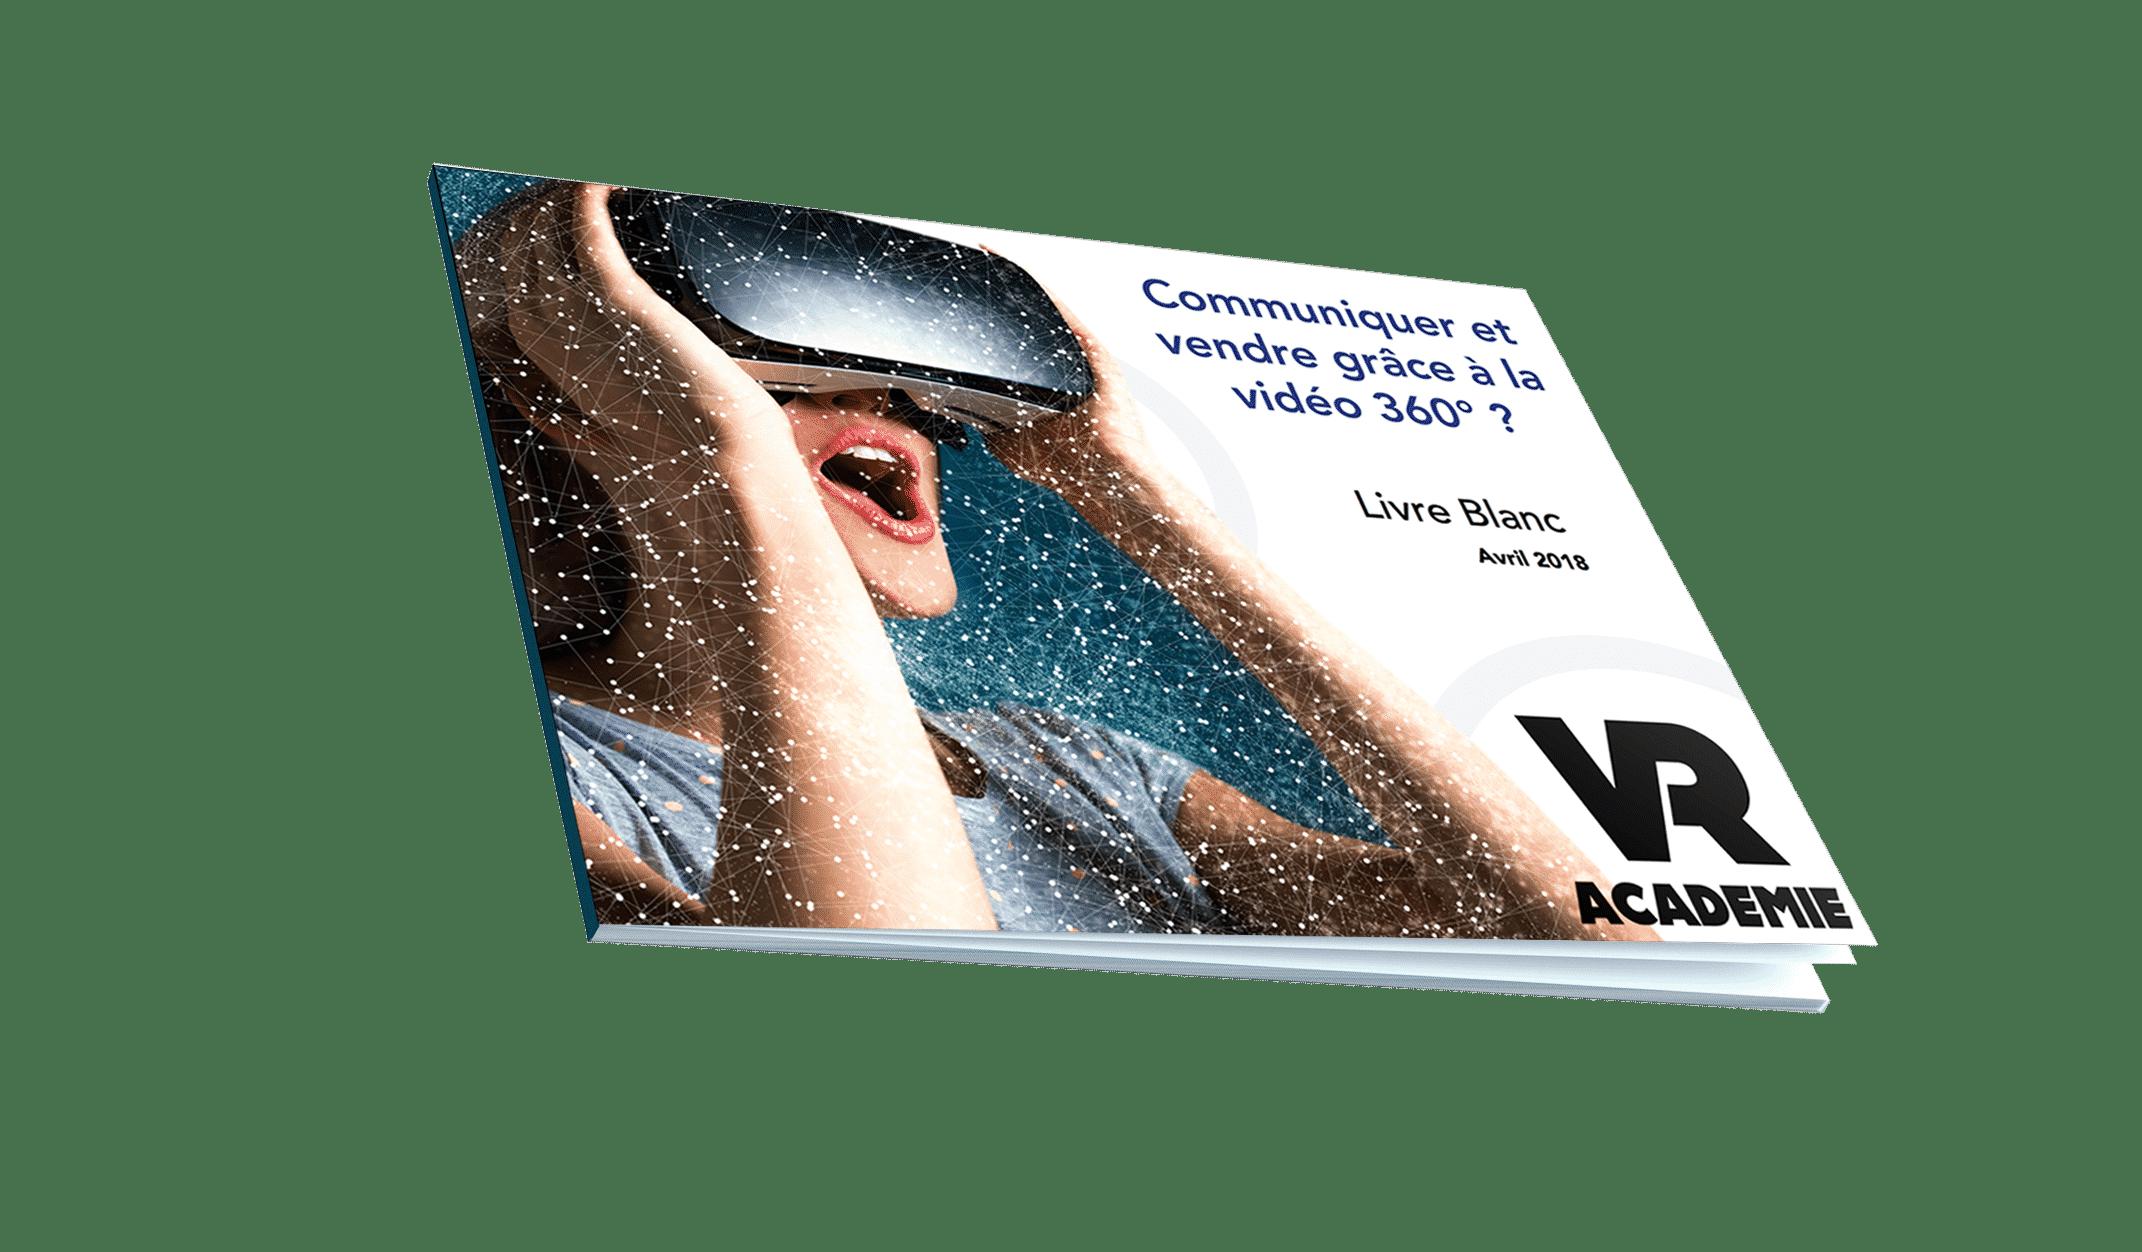 Communiquer et vendre grâce à la vidéo 360°